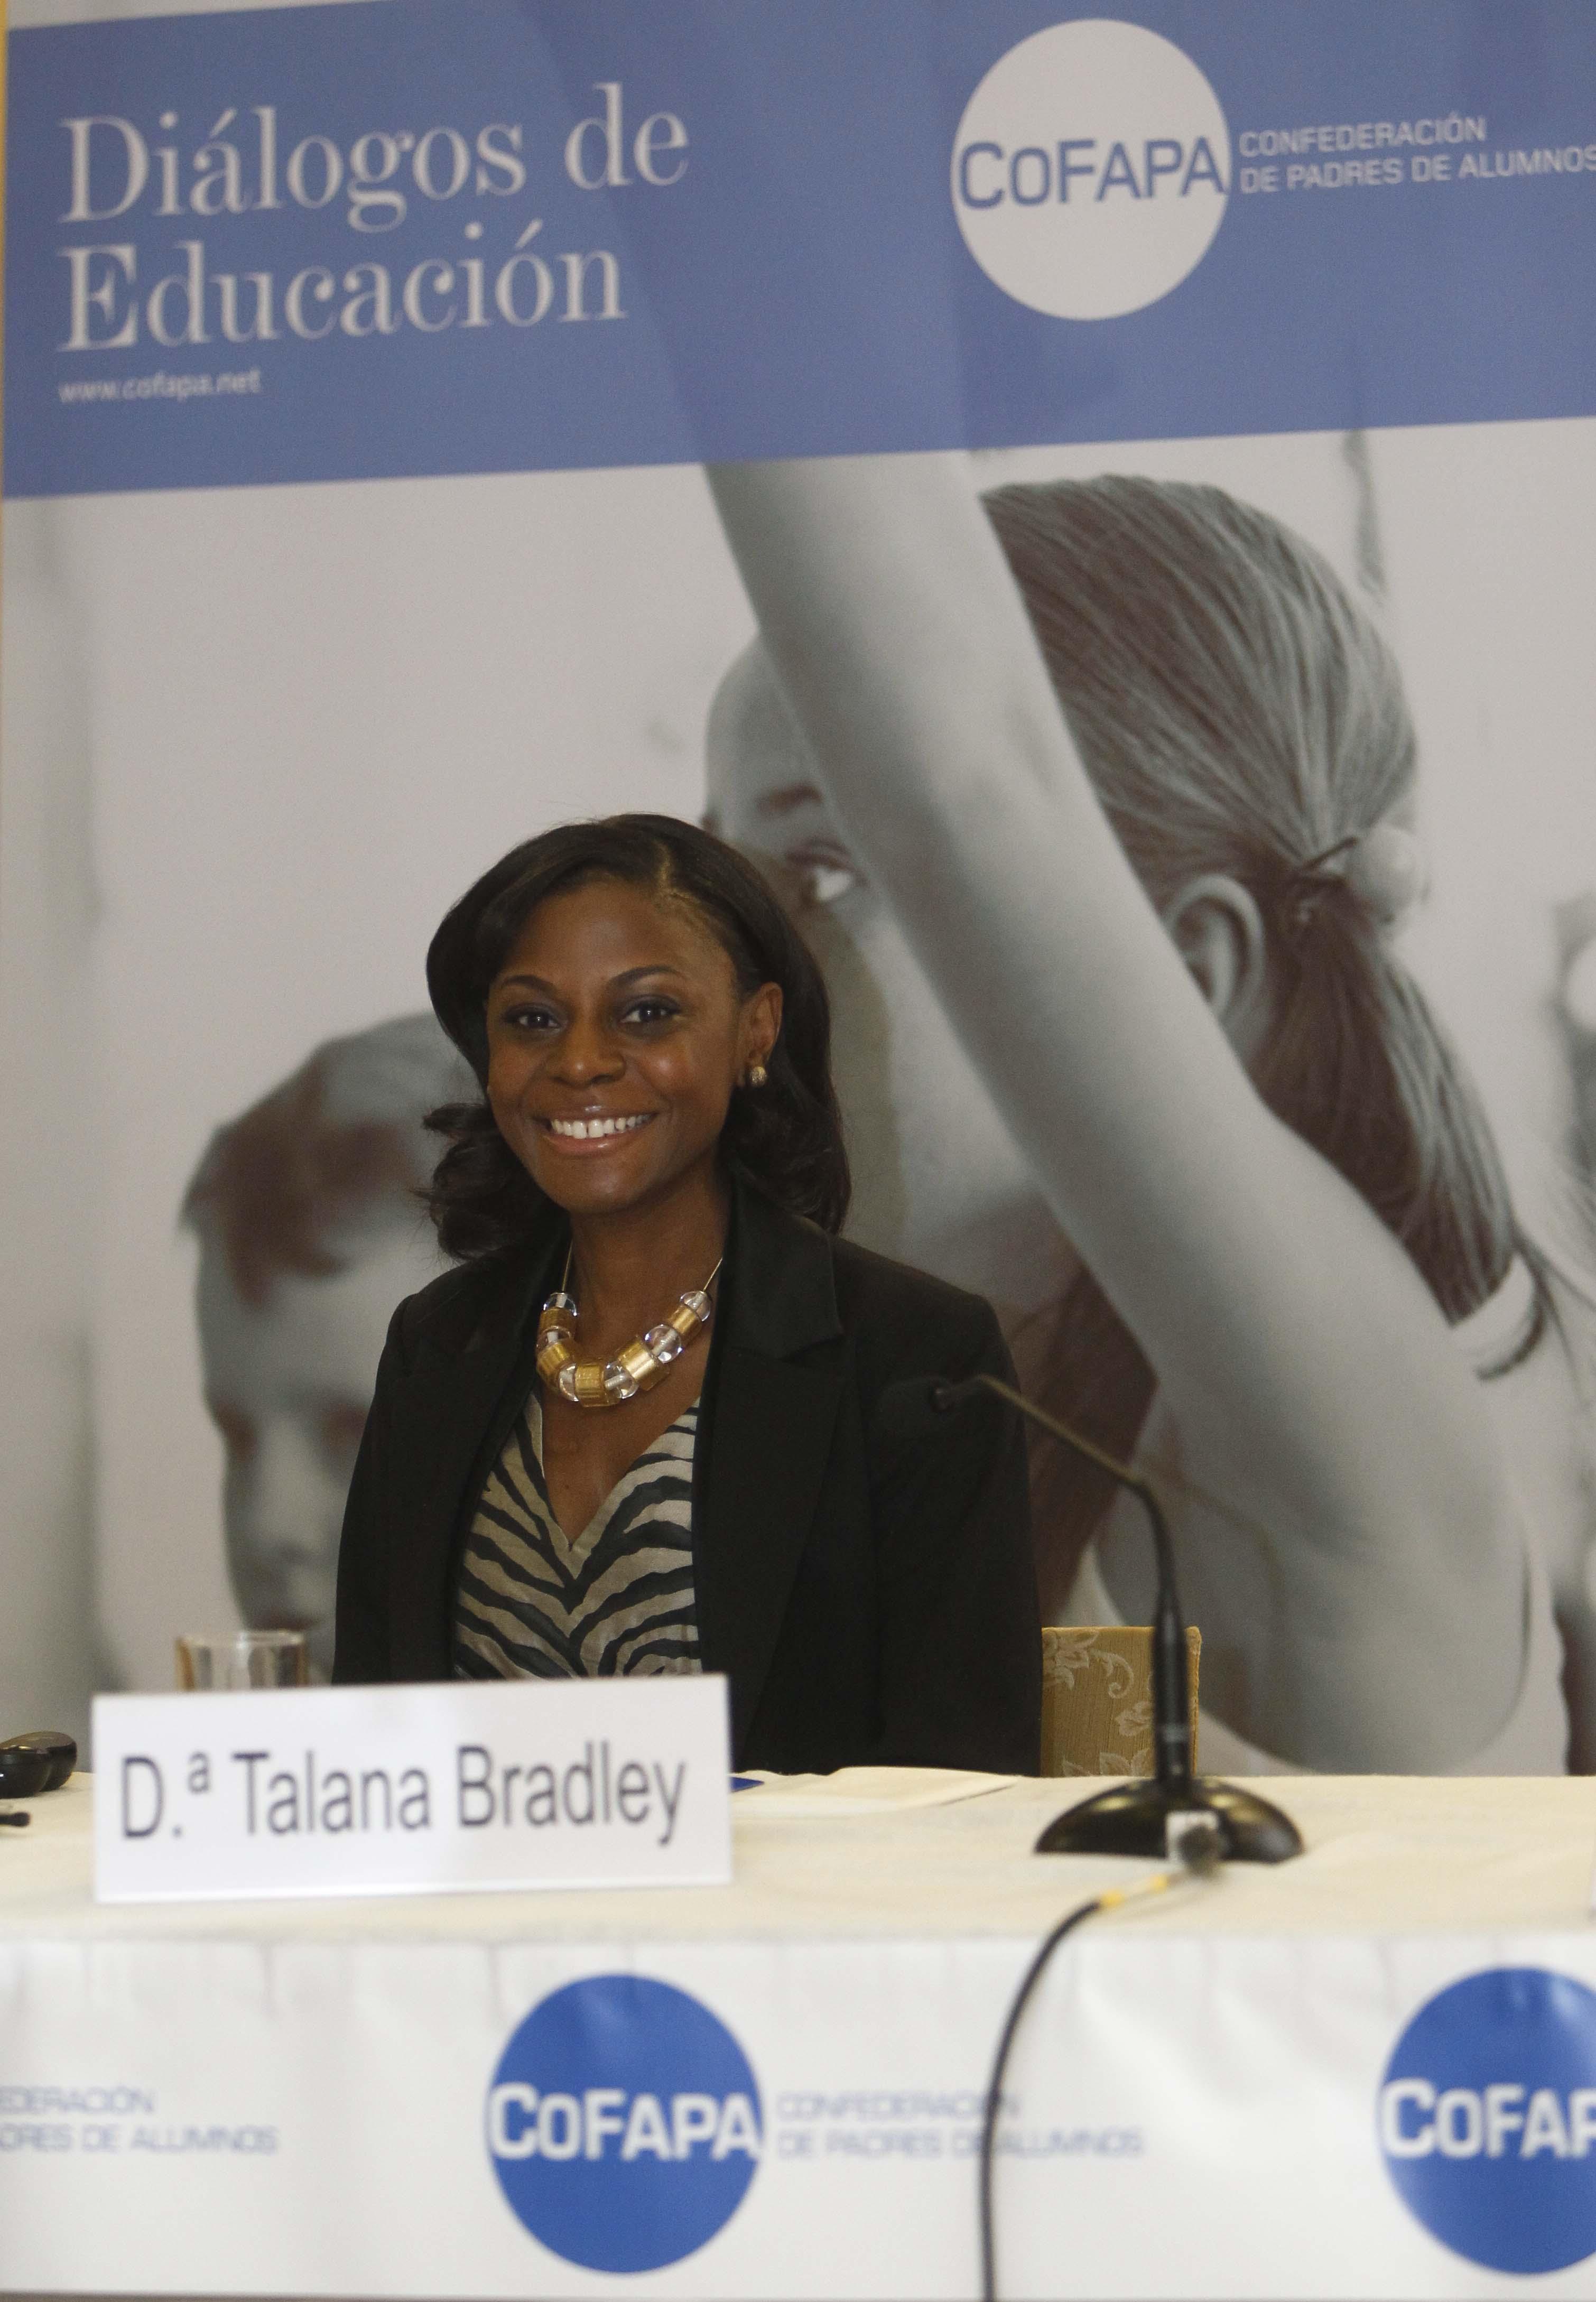 15º Diálogo de Educación con Talana Bradley